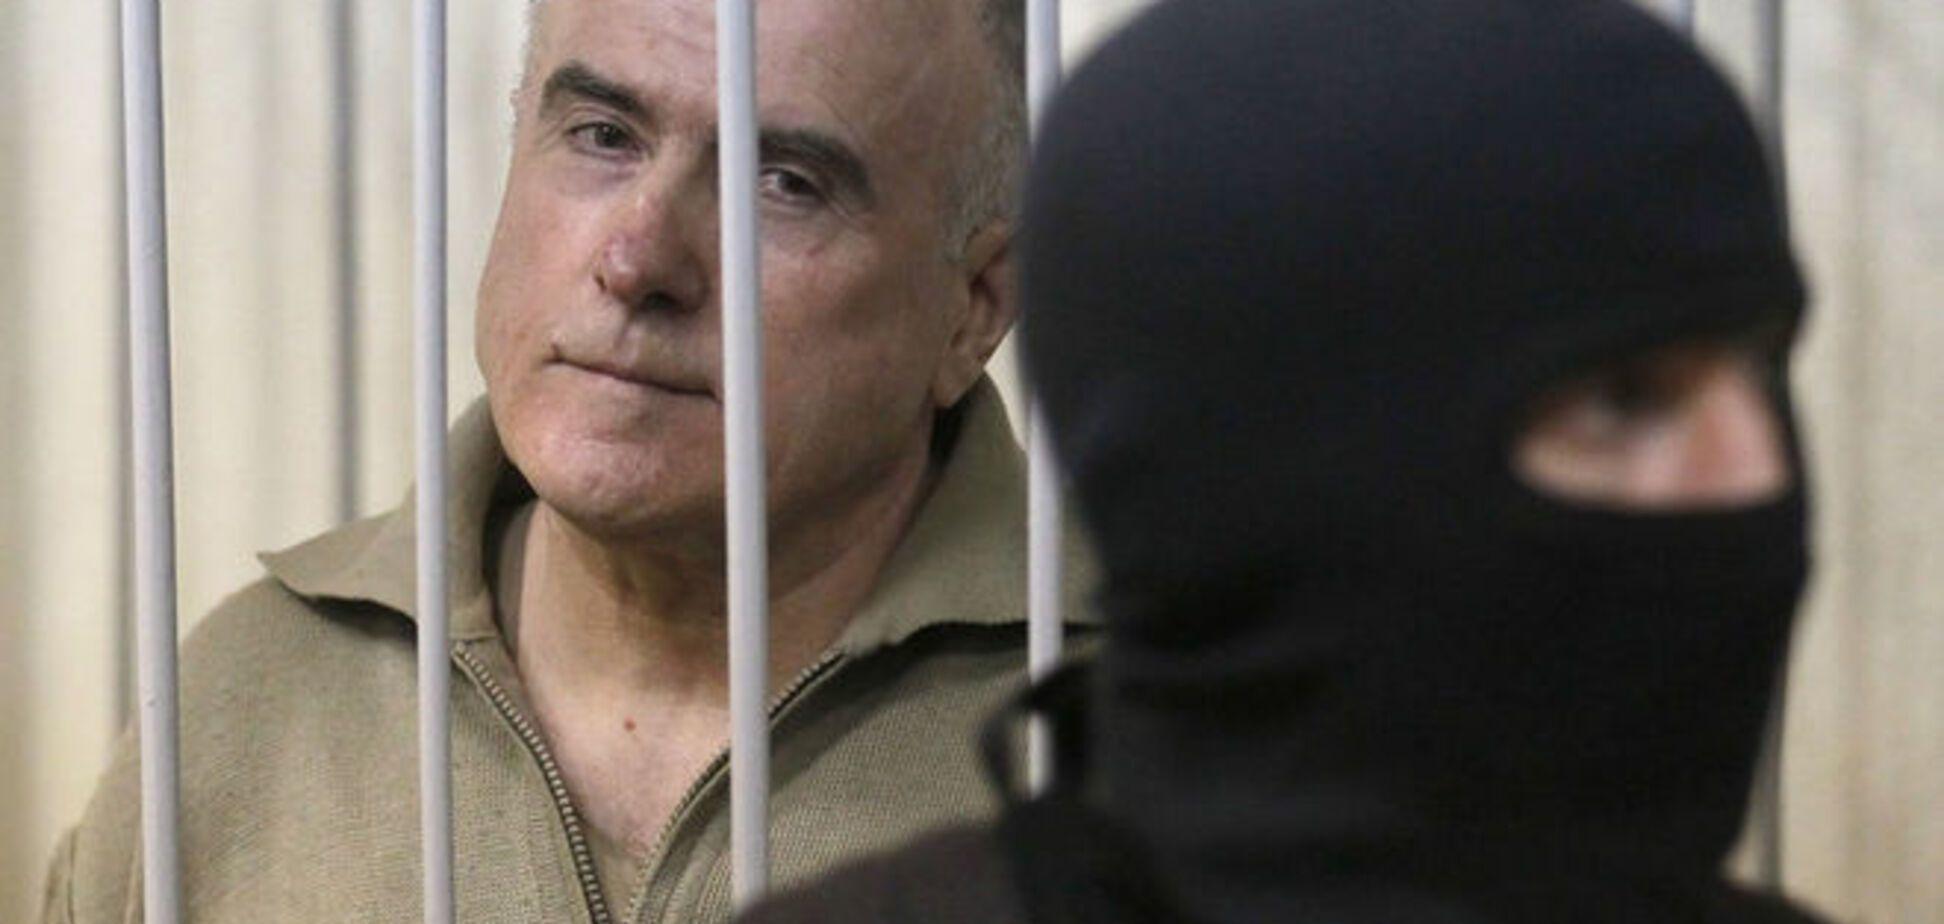 Пукач назвал фамилии причастных к убийству Гонгадзе - депутат